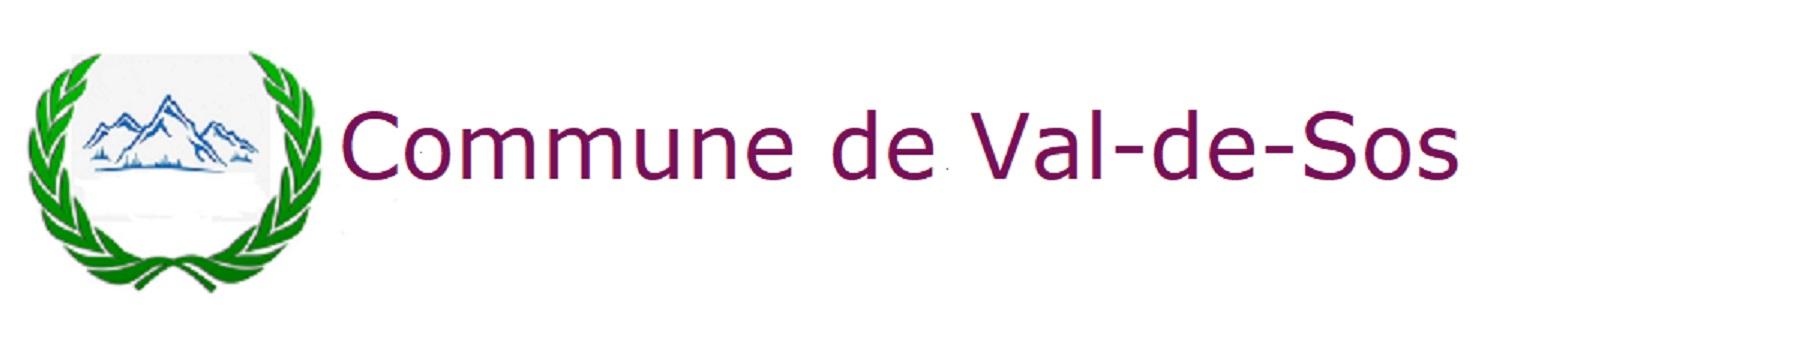 Commune de Val-de-Sos